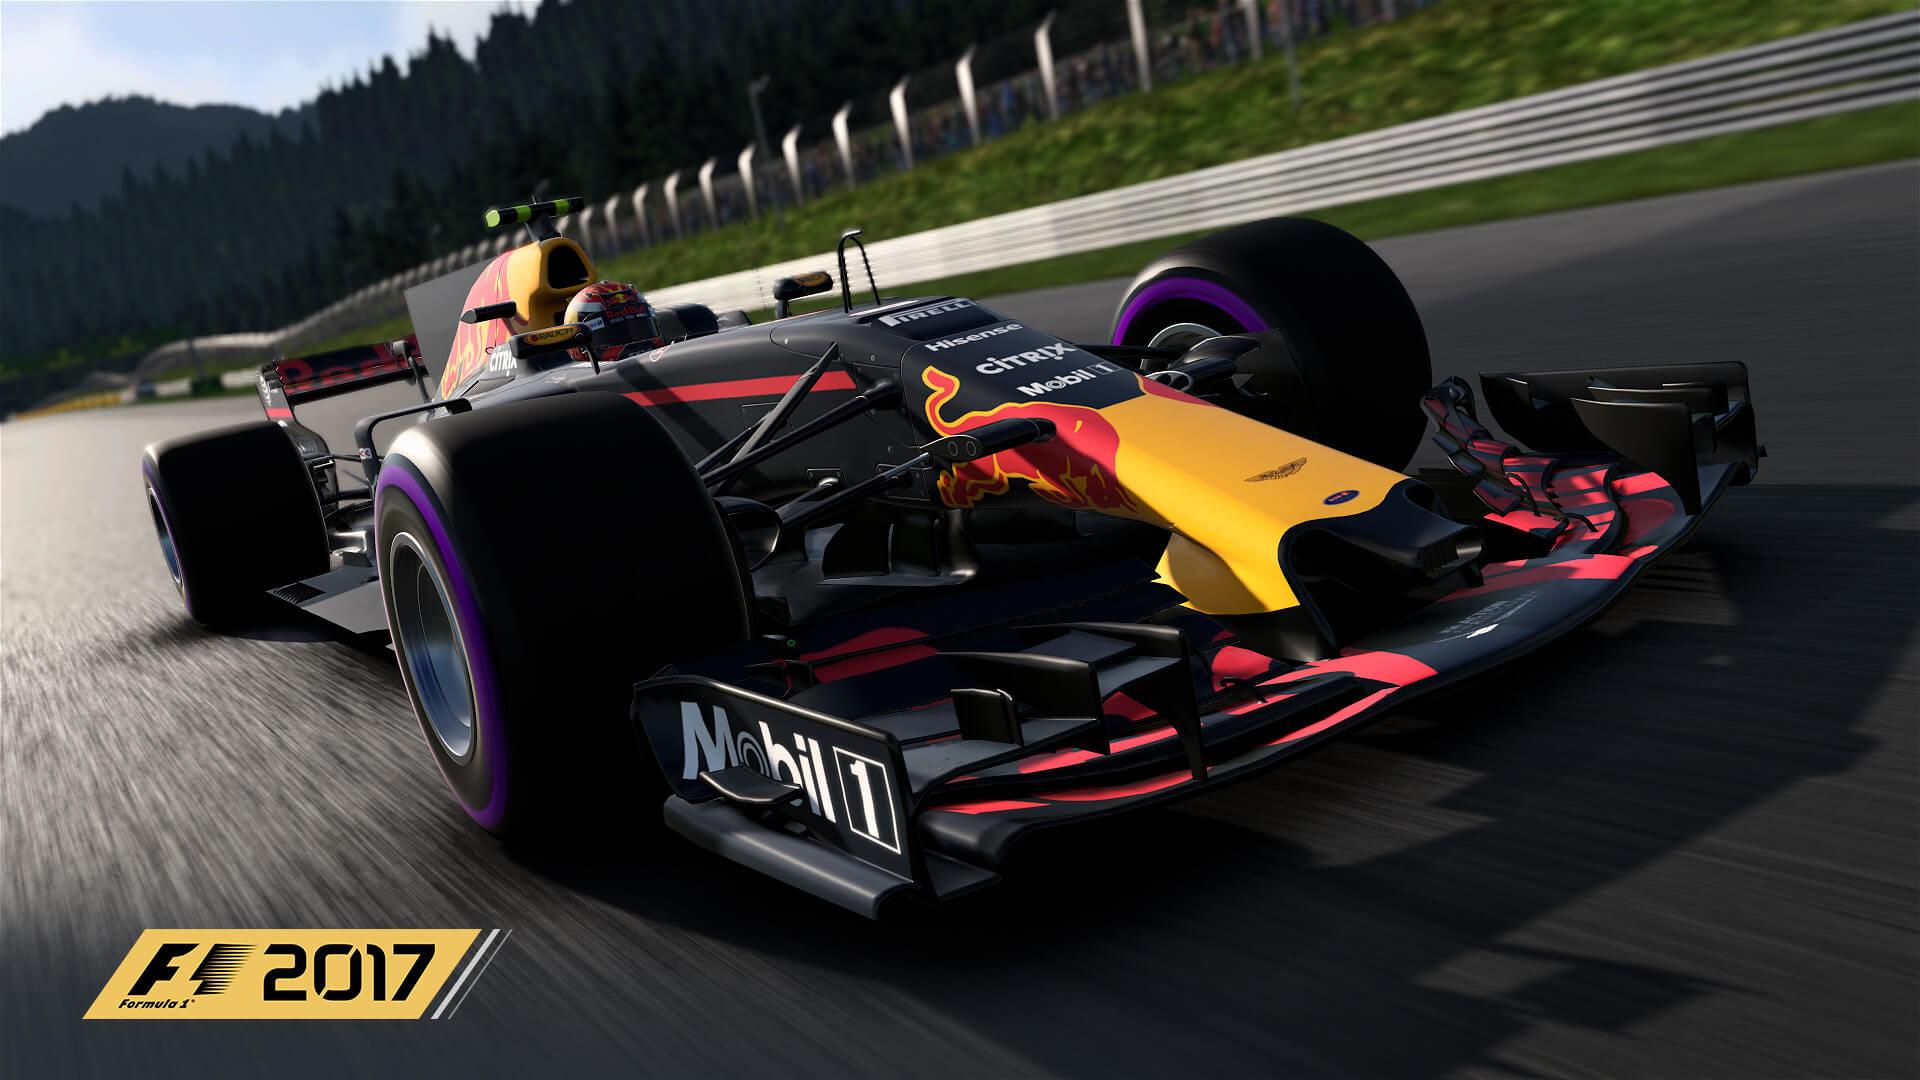 F1: F1 2017 New Screenshots Released